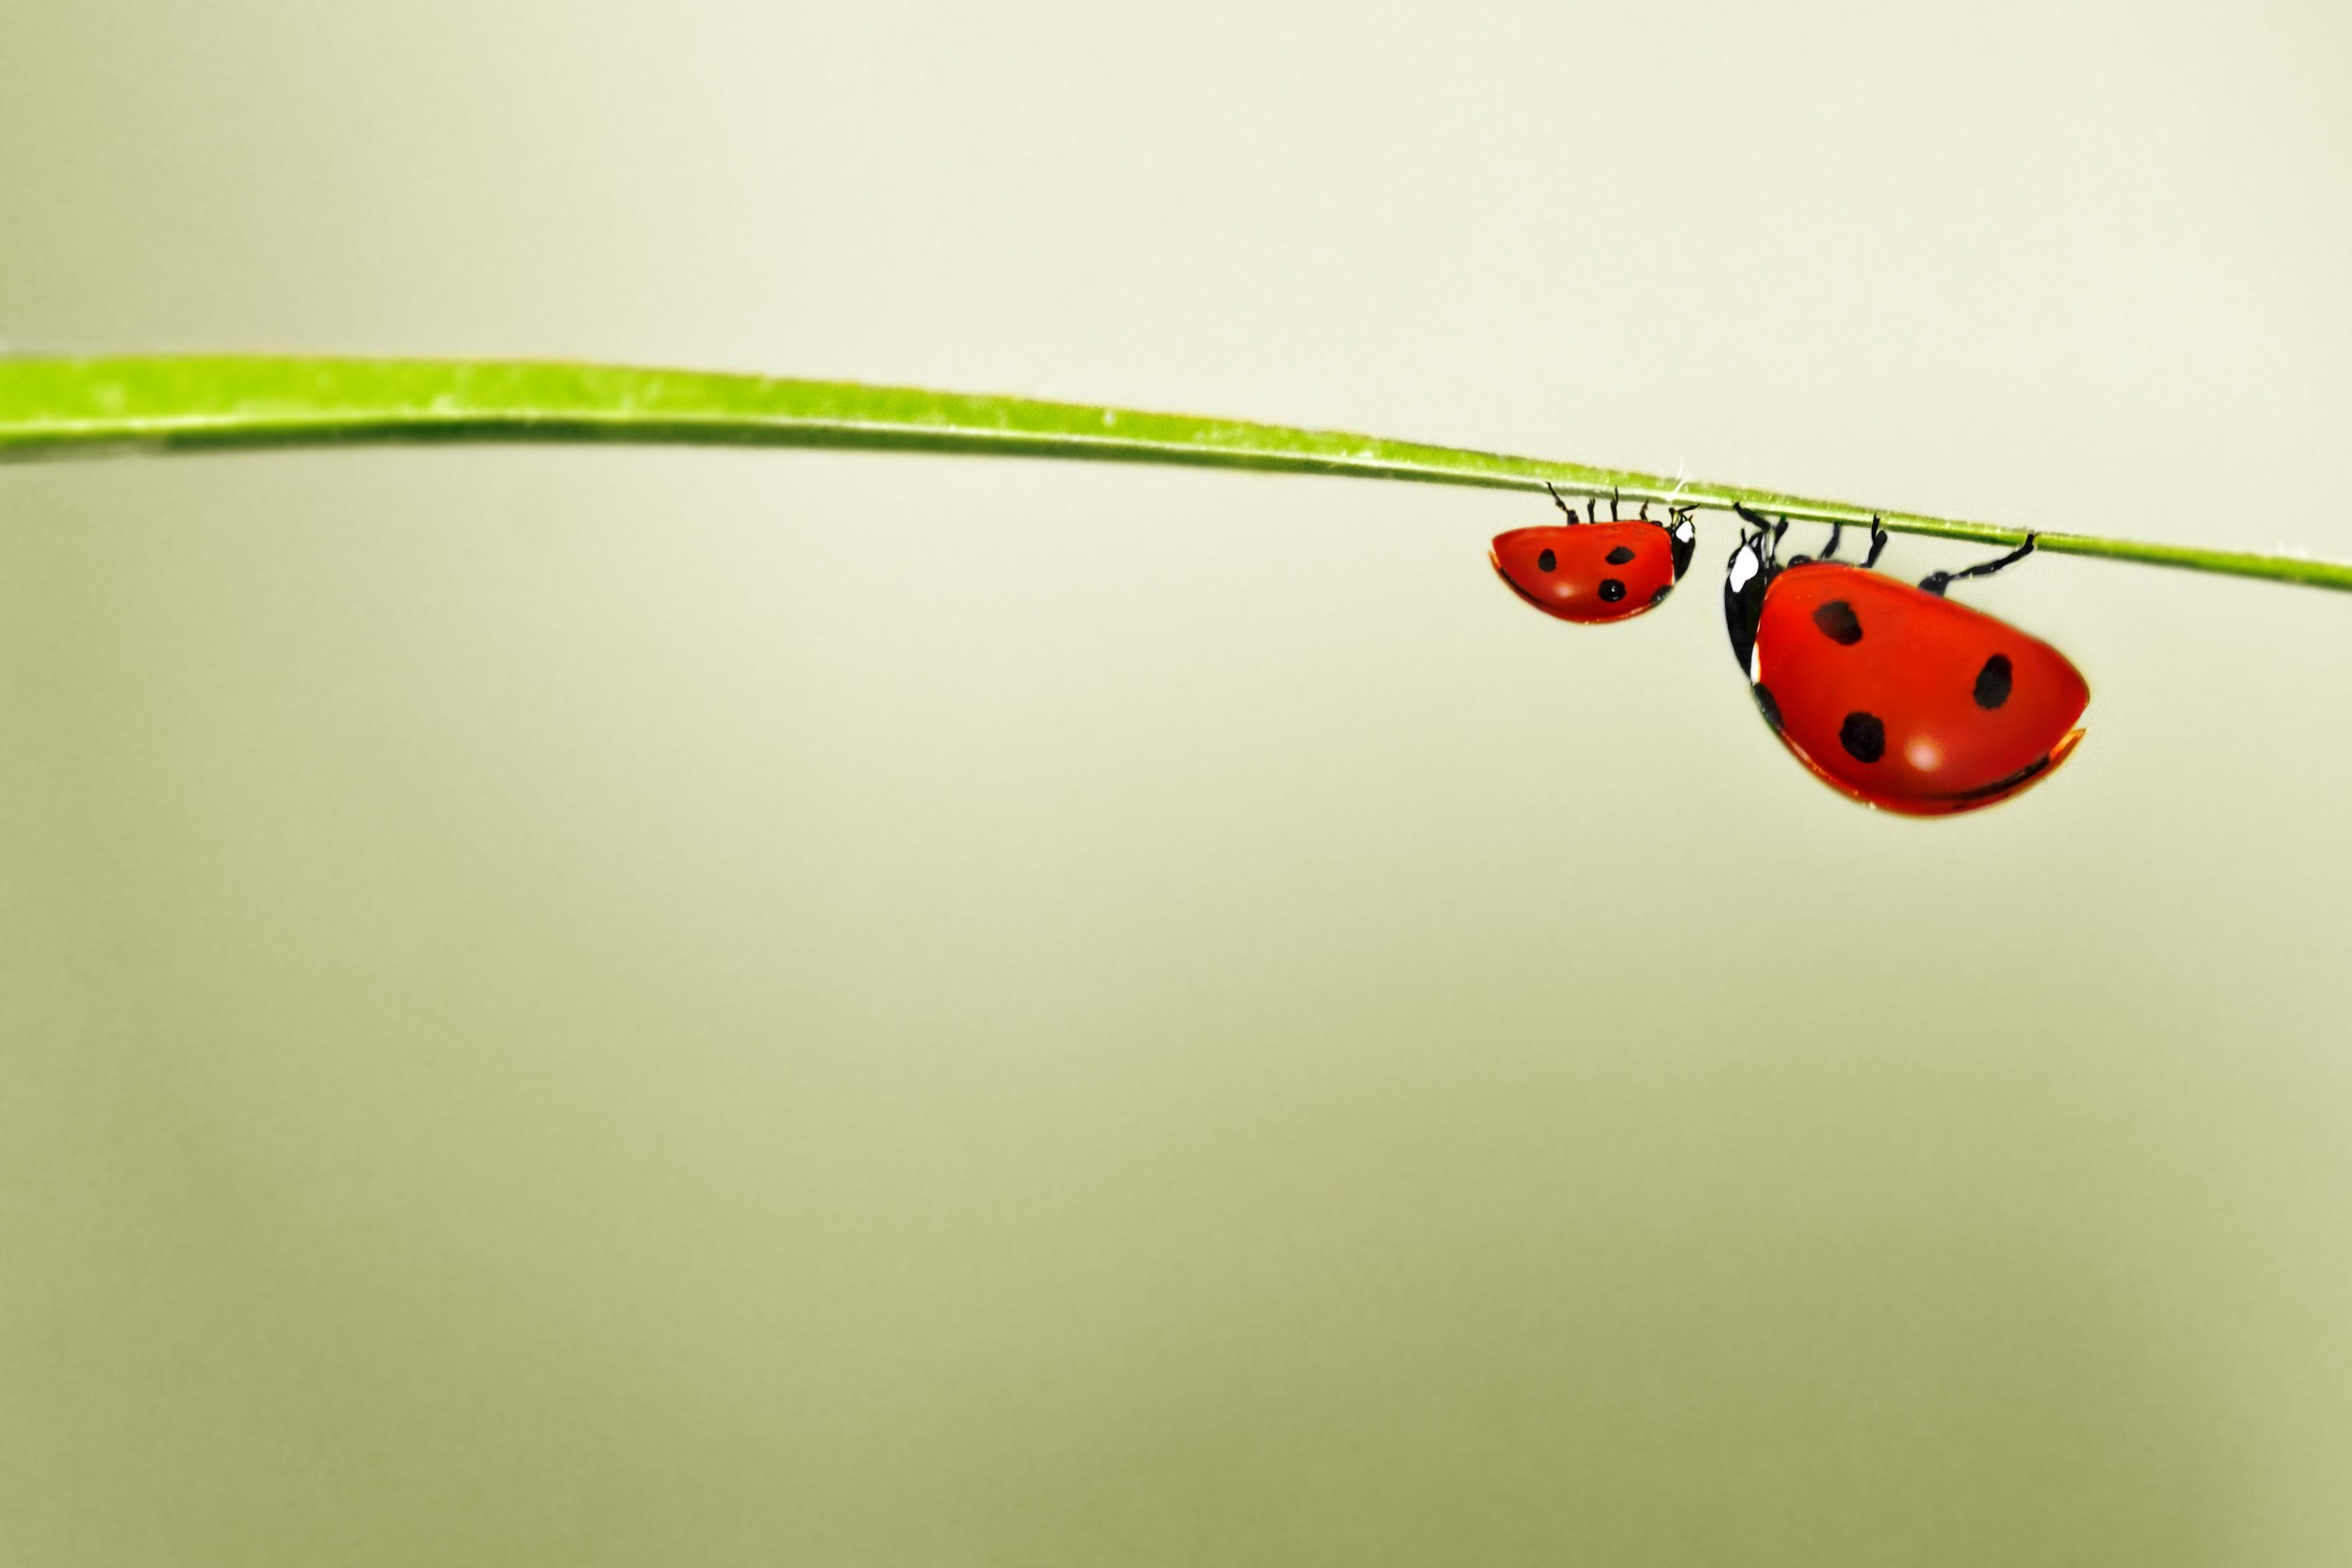 Kostenlose foto : Natur, Blatt, Blume, niedlich, Linie, Grün, rot ...